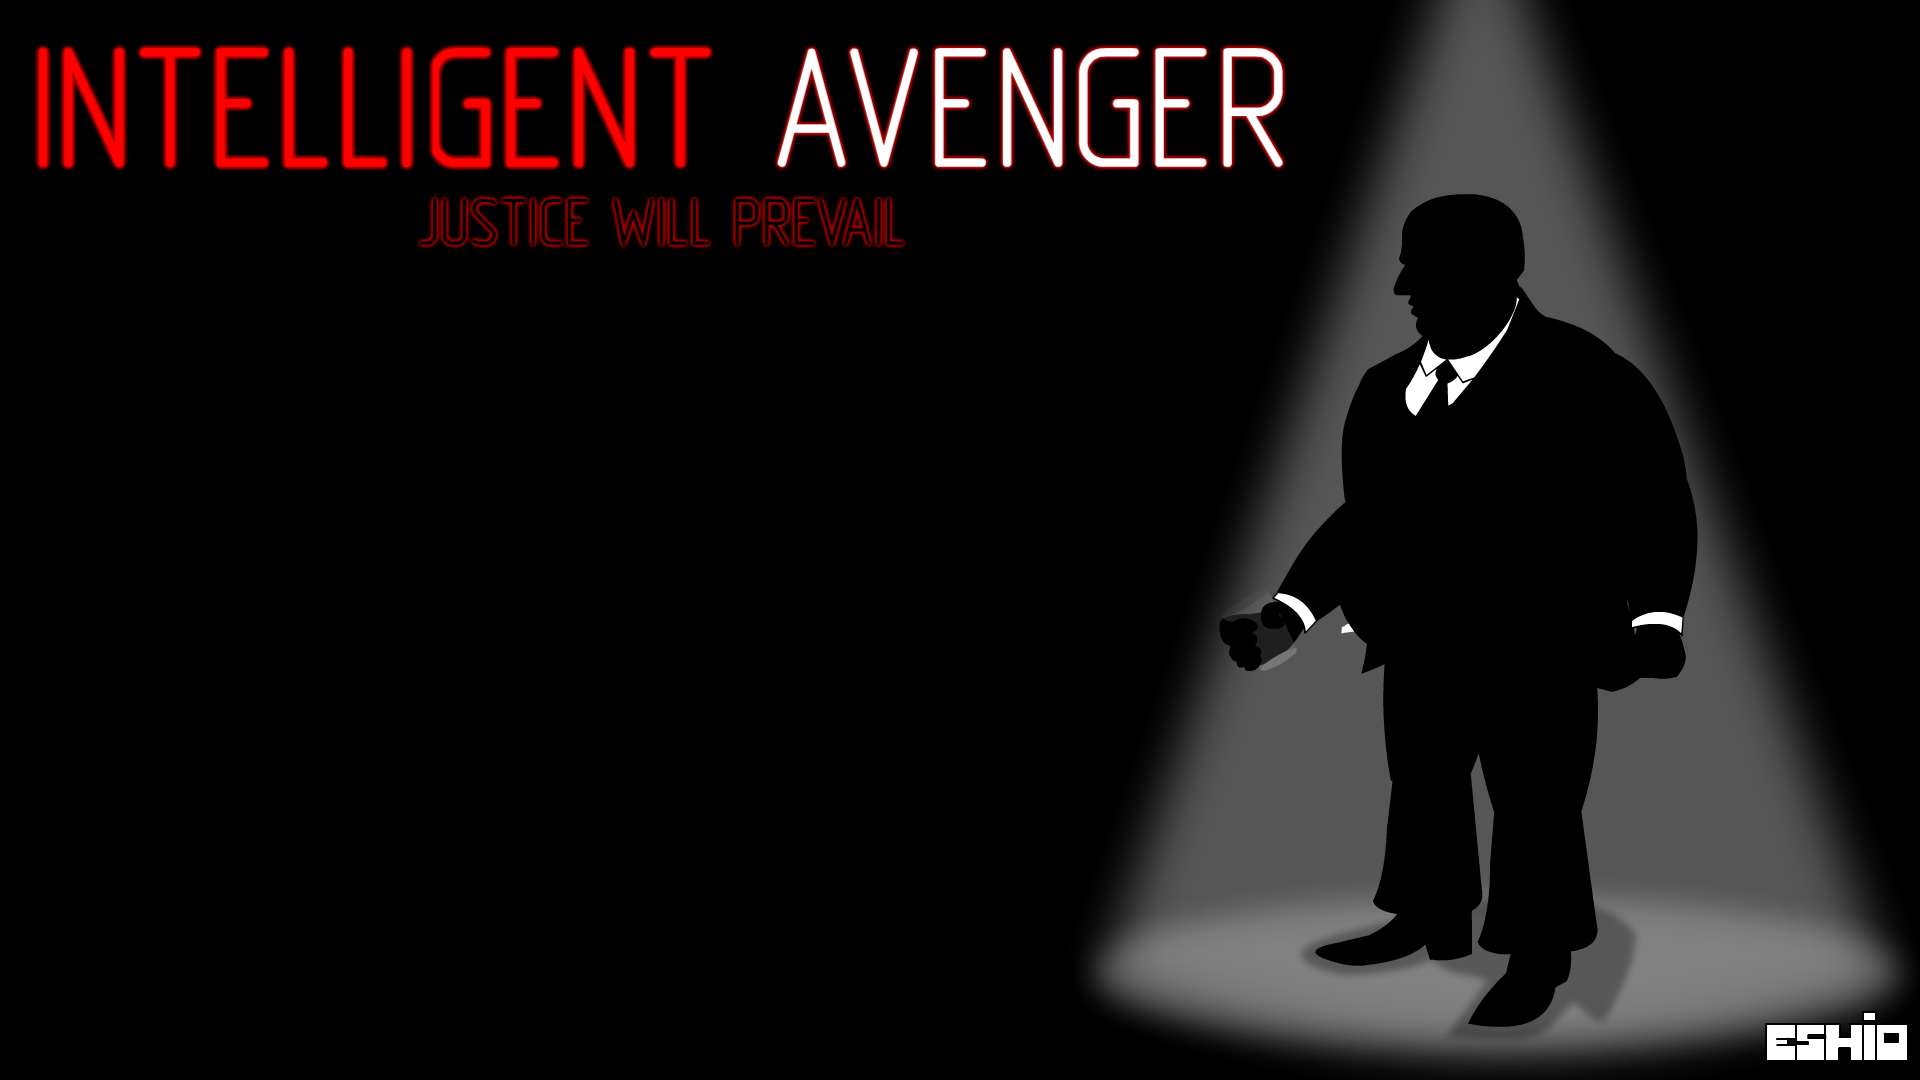 Intelligent Avenger Poster2